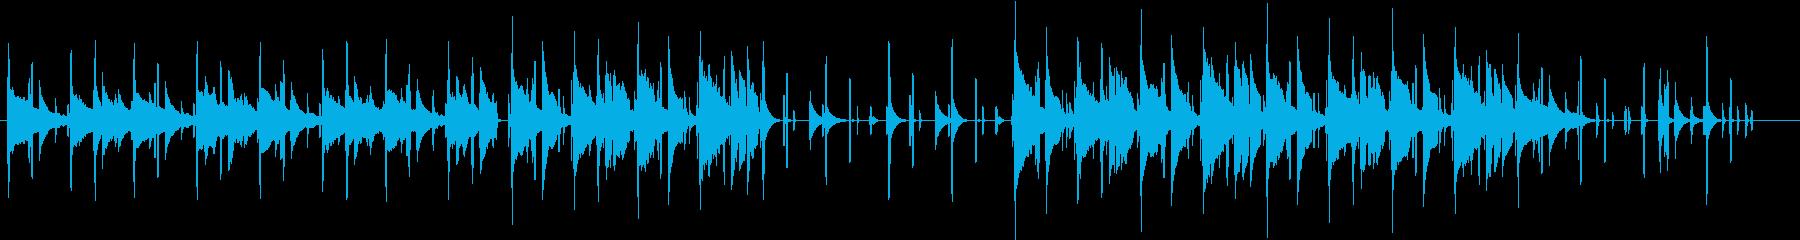 同じフレーズが繰り返される曲の再生済みの波形